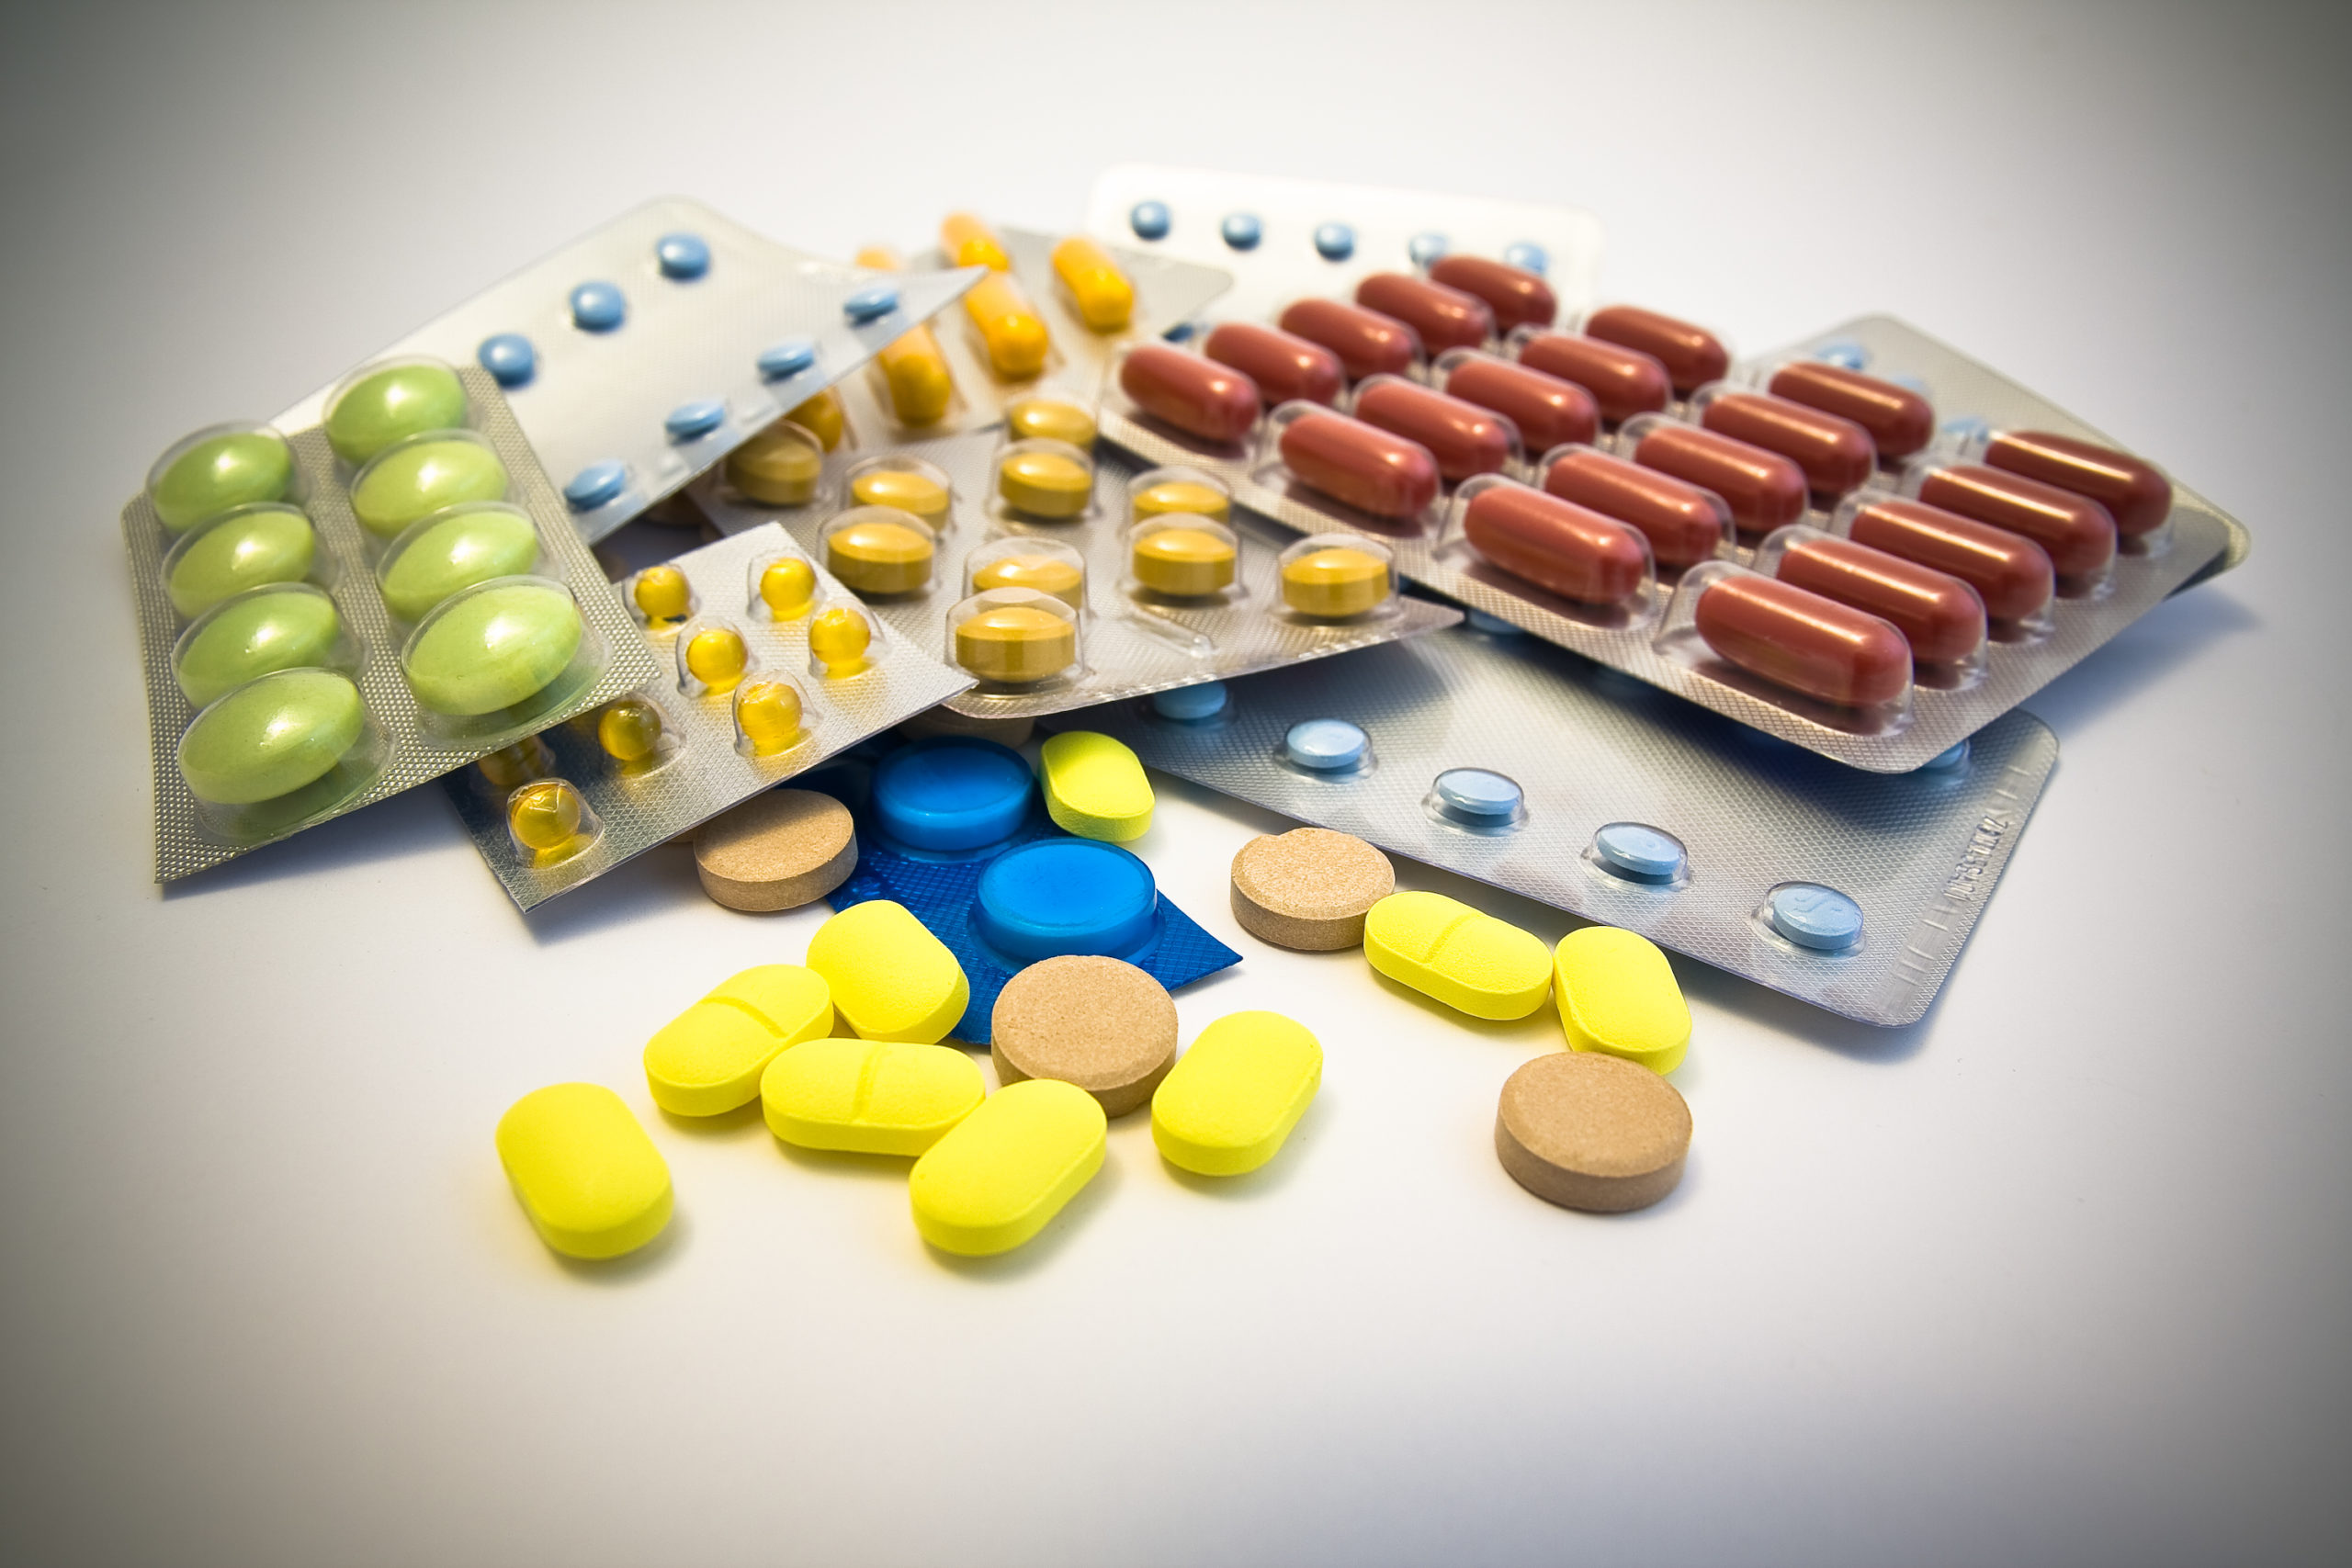 Qual medicamento posso usar no tratamento de hormonioterapia?